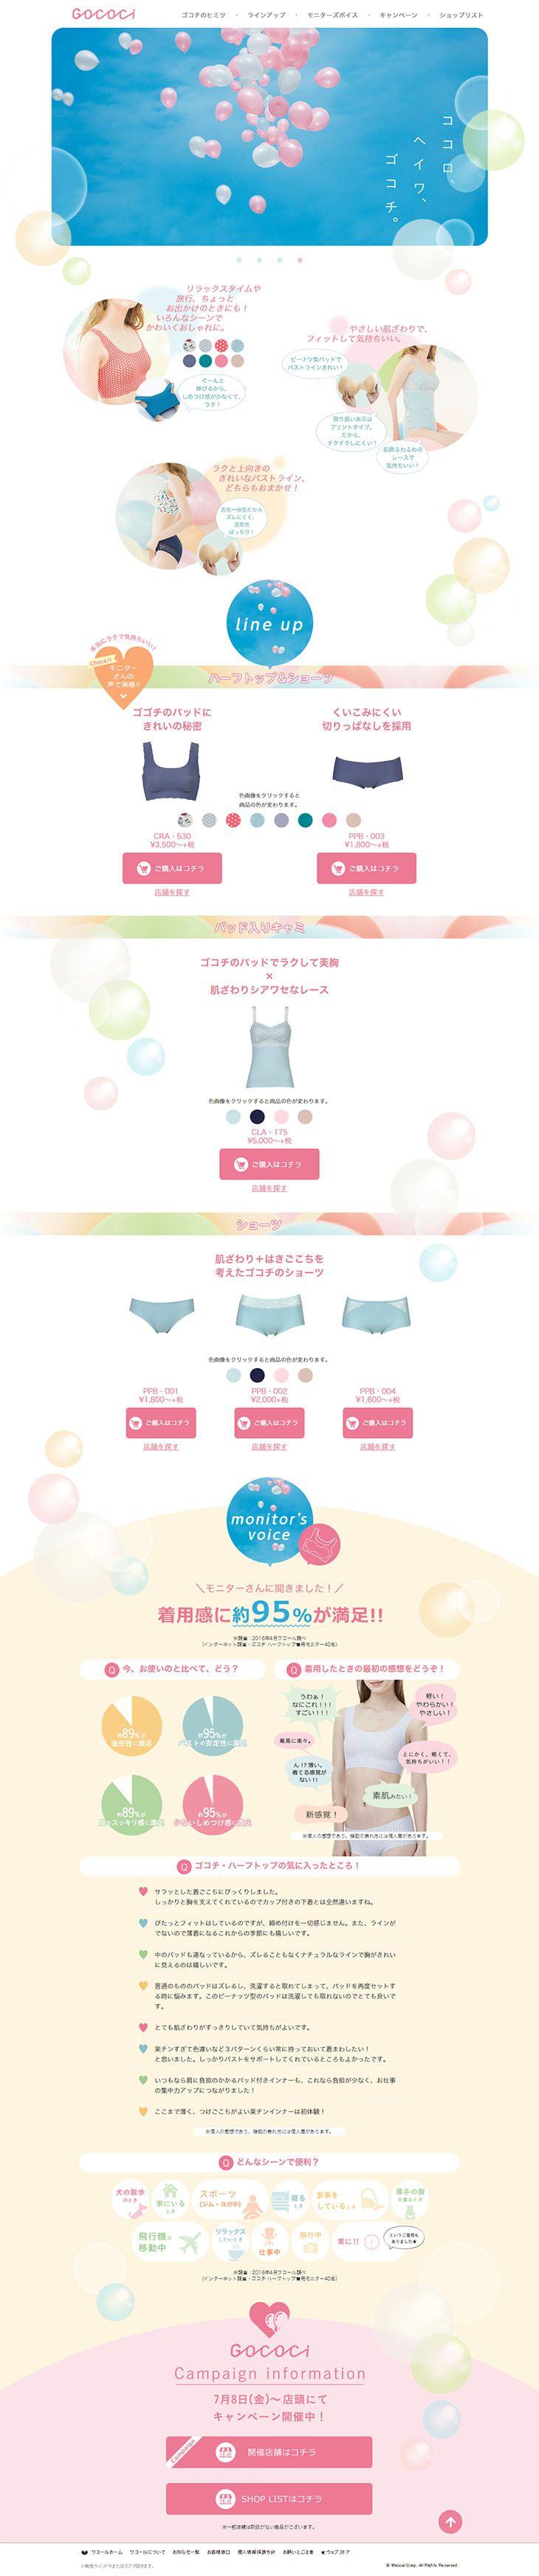 ゴコチ【ファッション関連】のLPデザイン。WEBデザイナーさん必見!ランディングページのデザイン参考に(かわいい系)